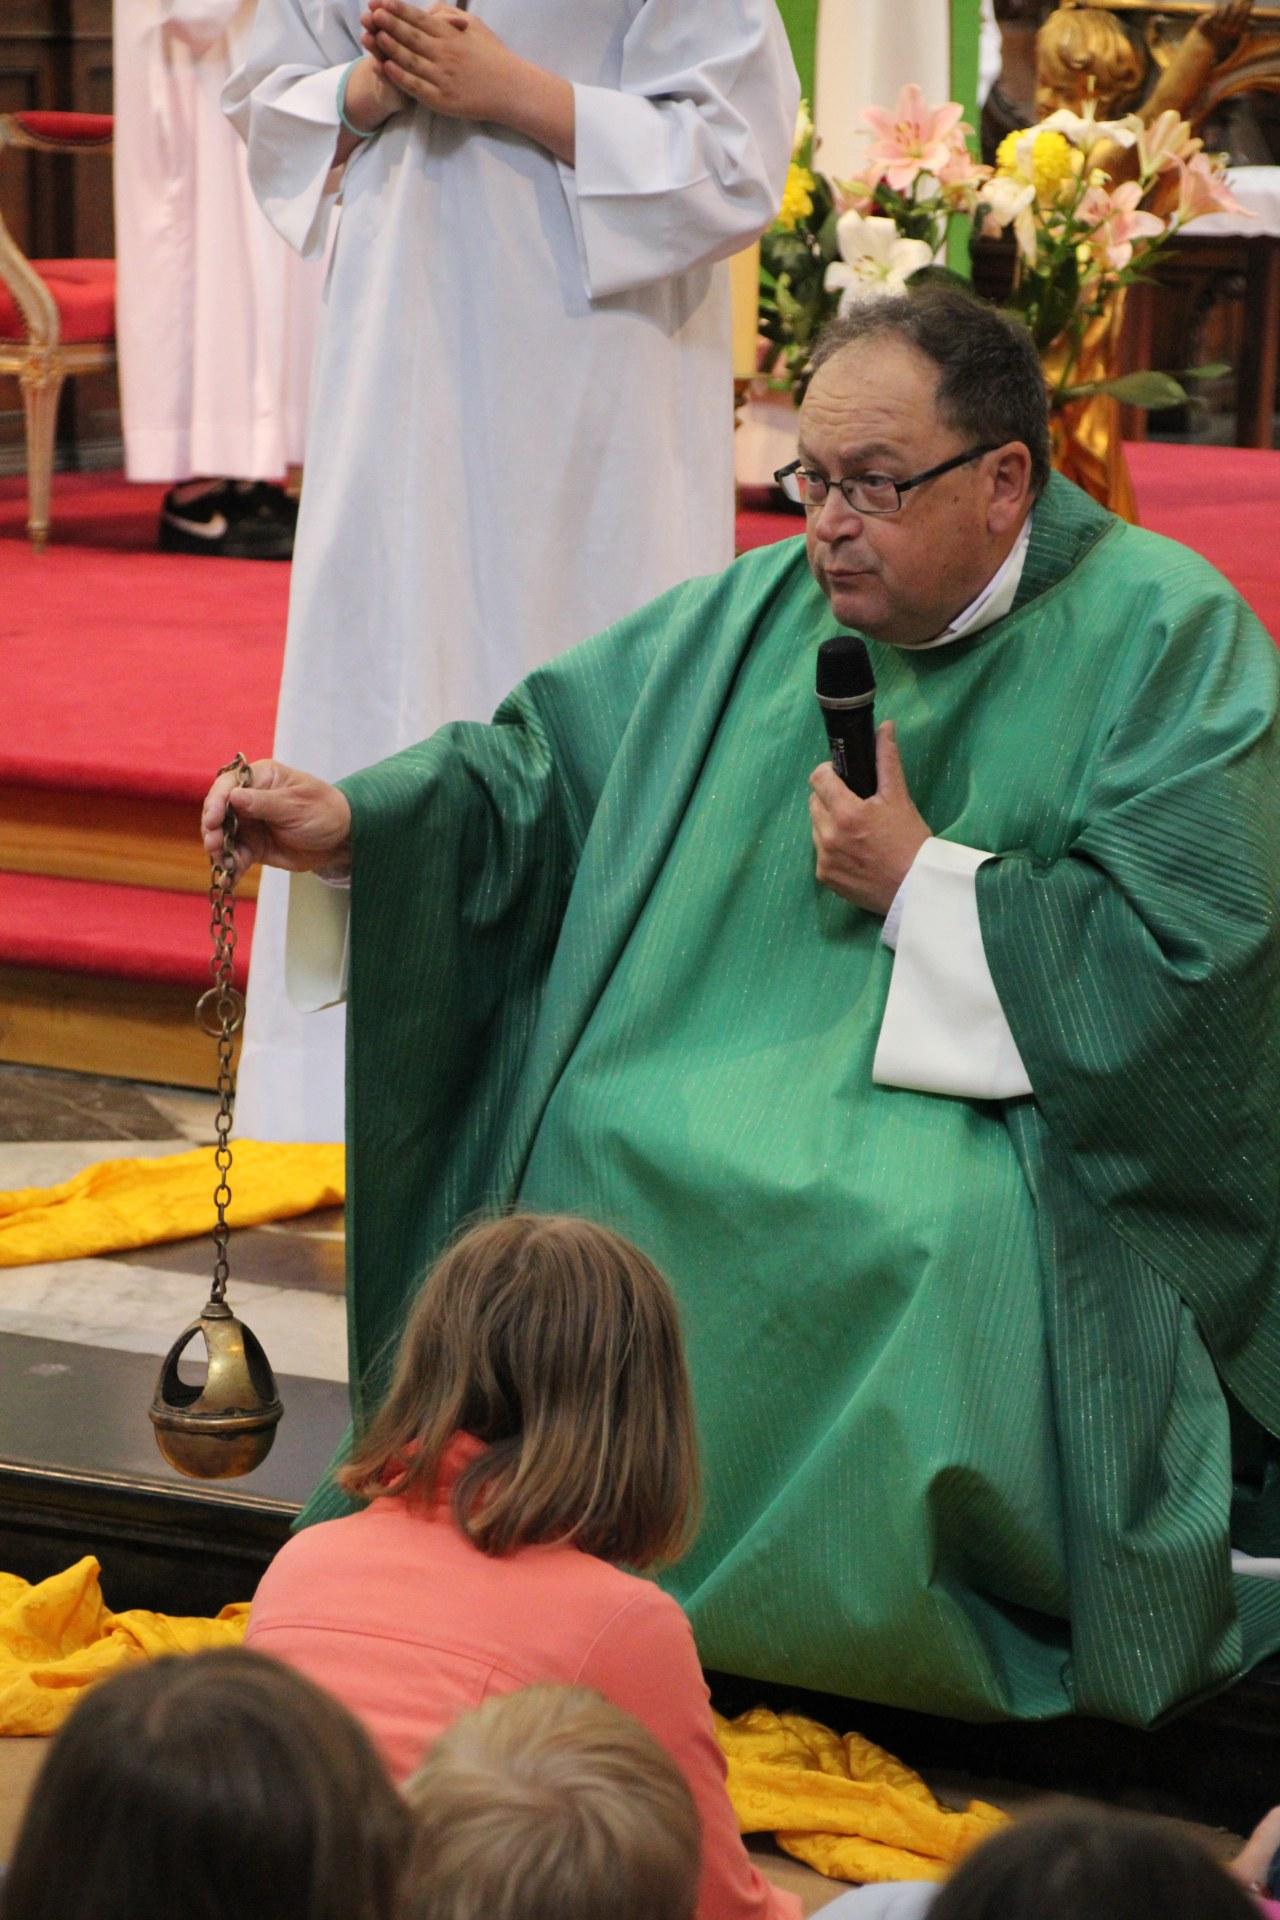 L'encens, signe de respect pour Dieu.